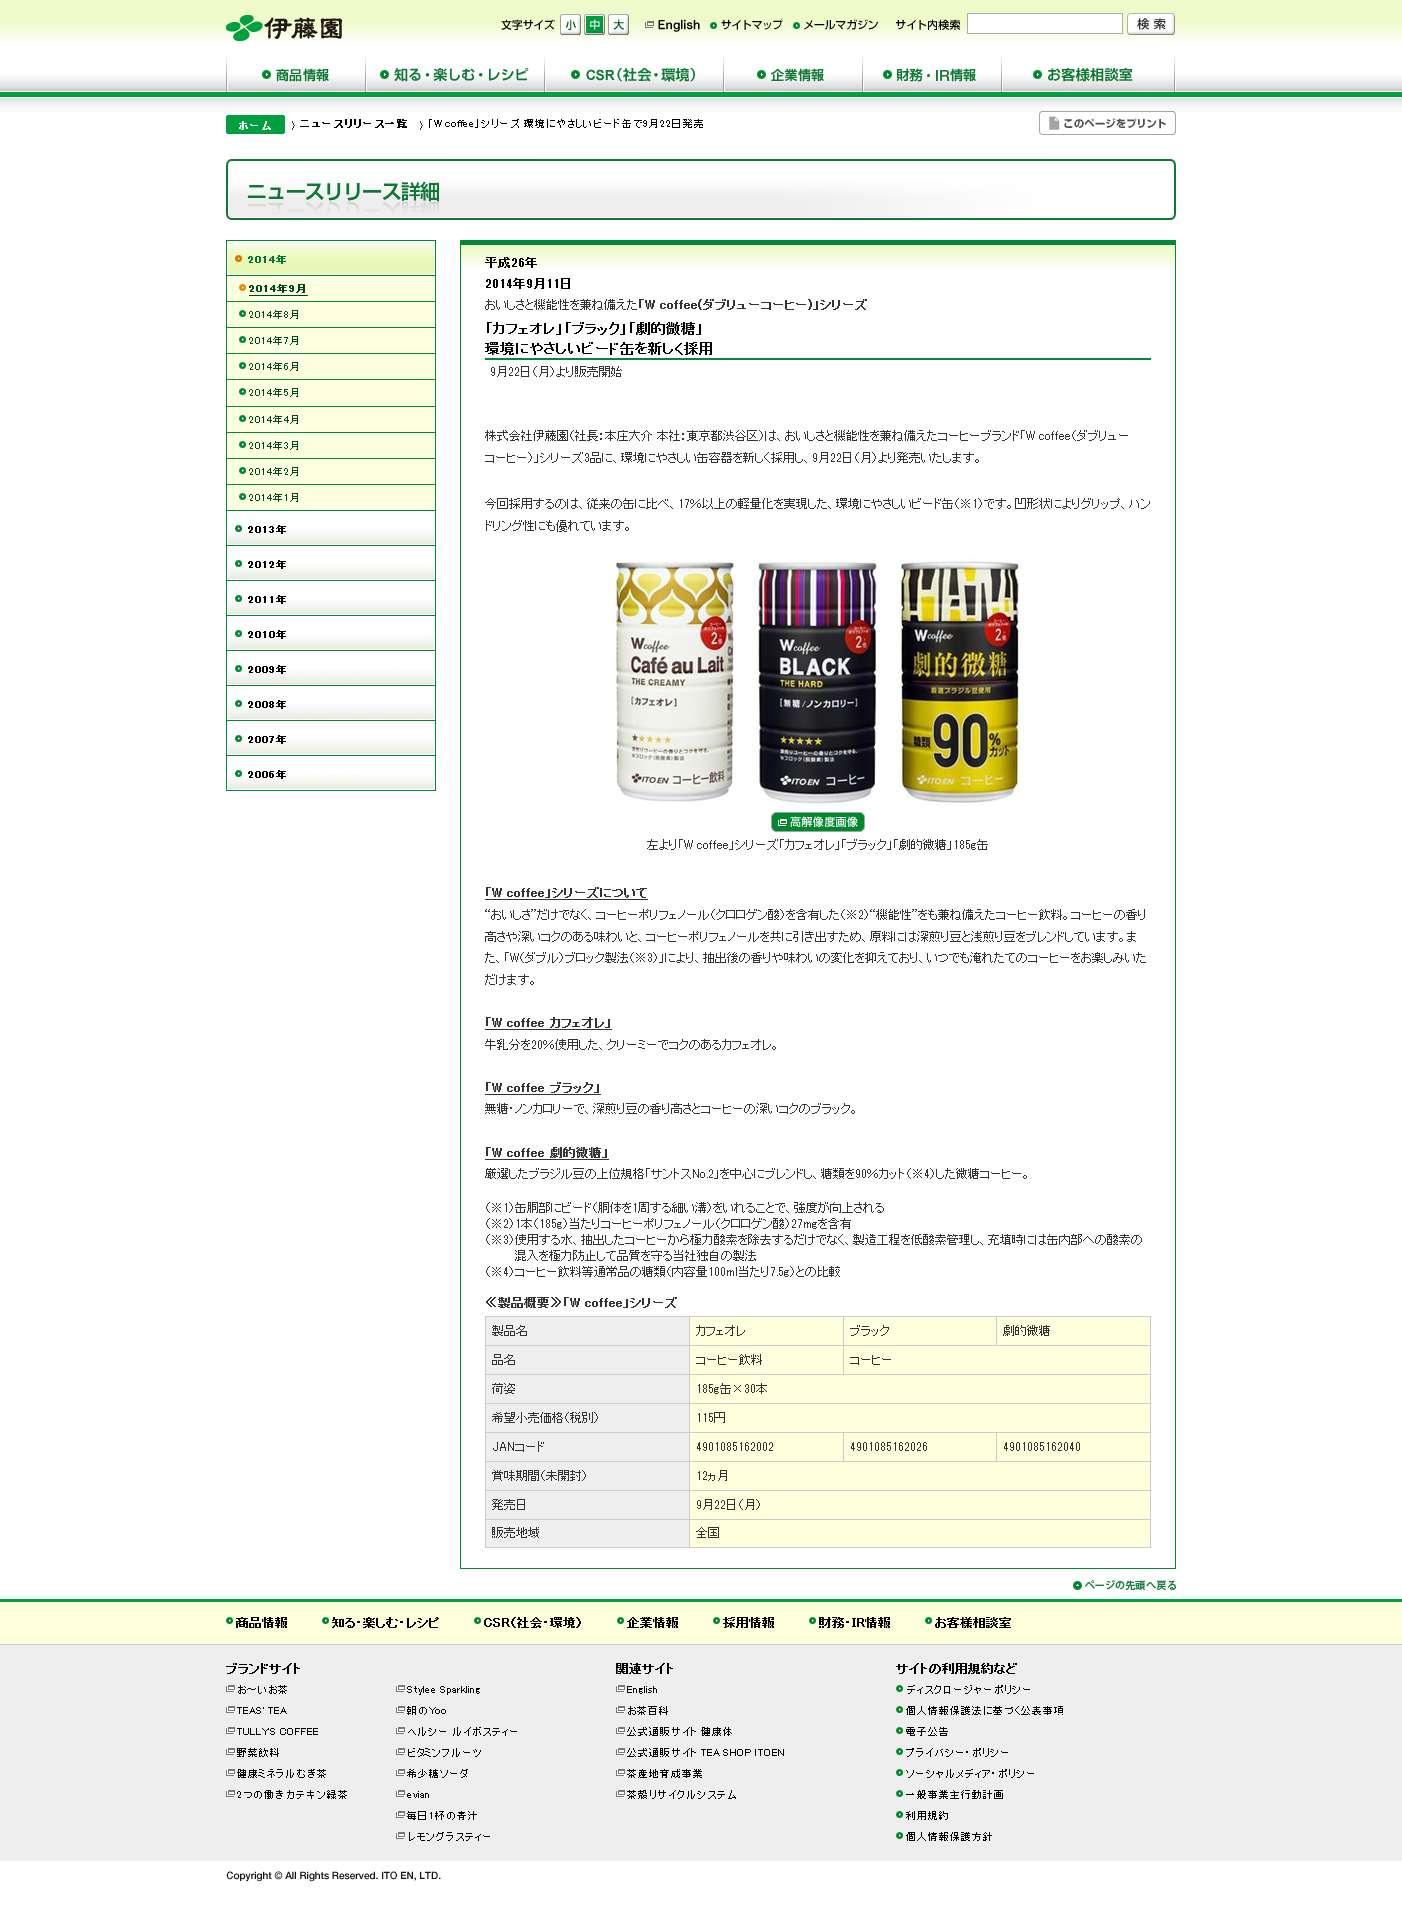 「W coffee」シリーズ 環境にやさしいビード缶で9月22日発売  ニュースリリース一覧  伊藤園